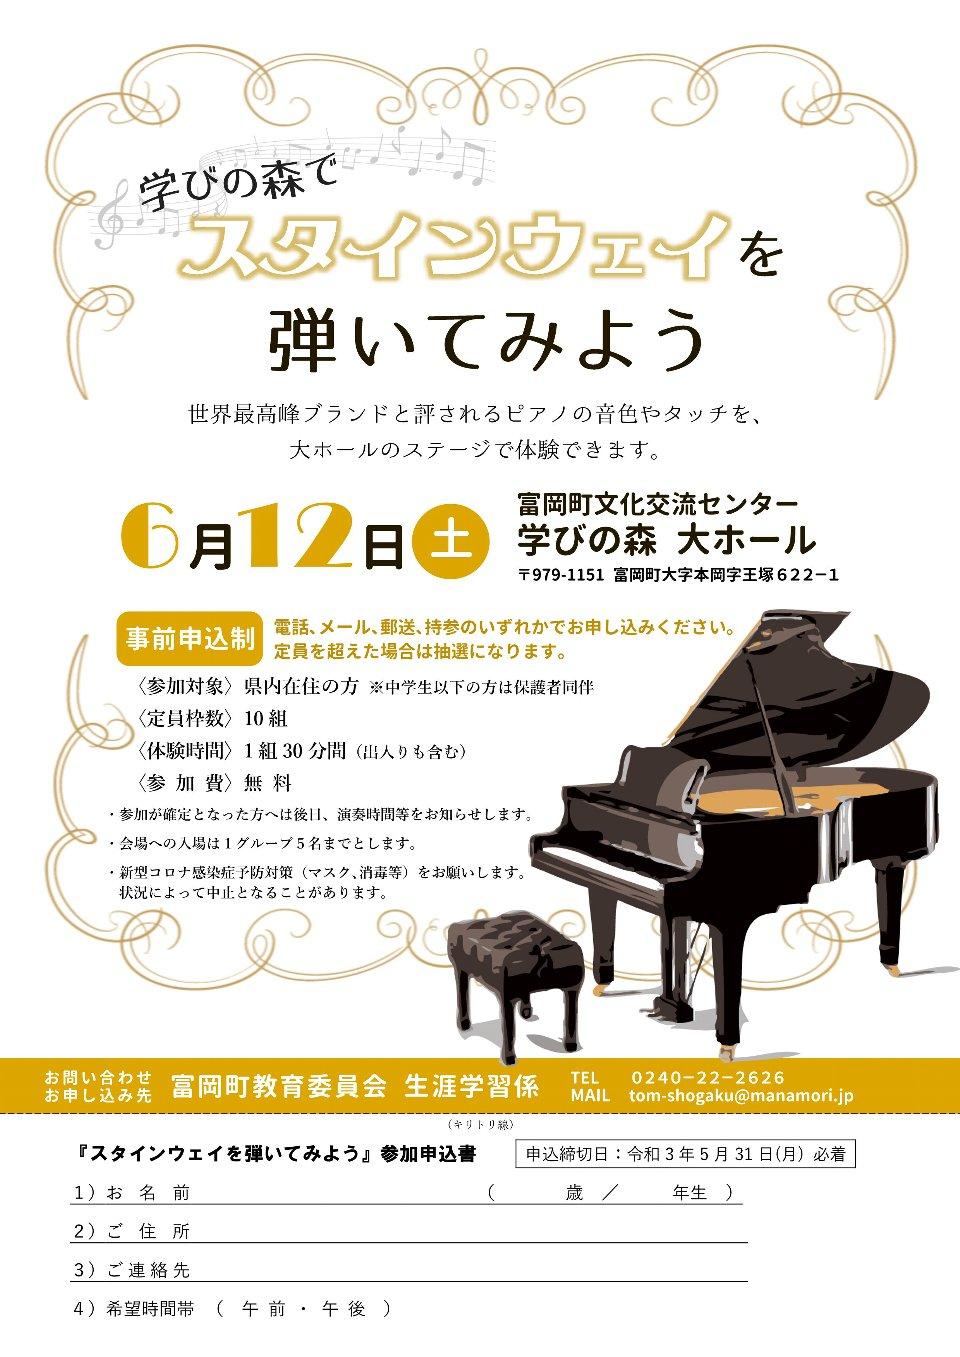 スタインウェイ社製ピアノ演奏体験 - 富岡町